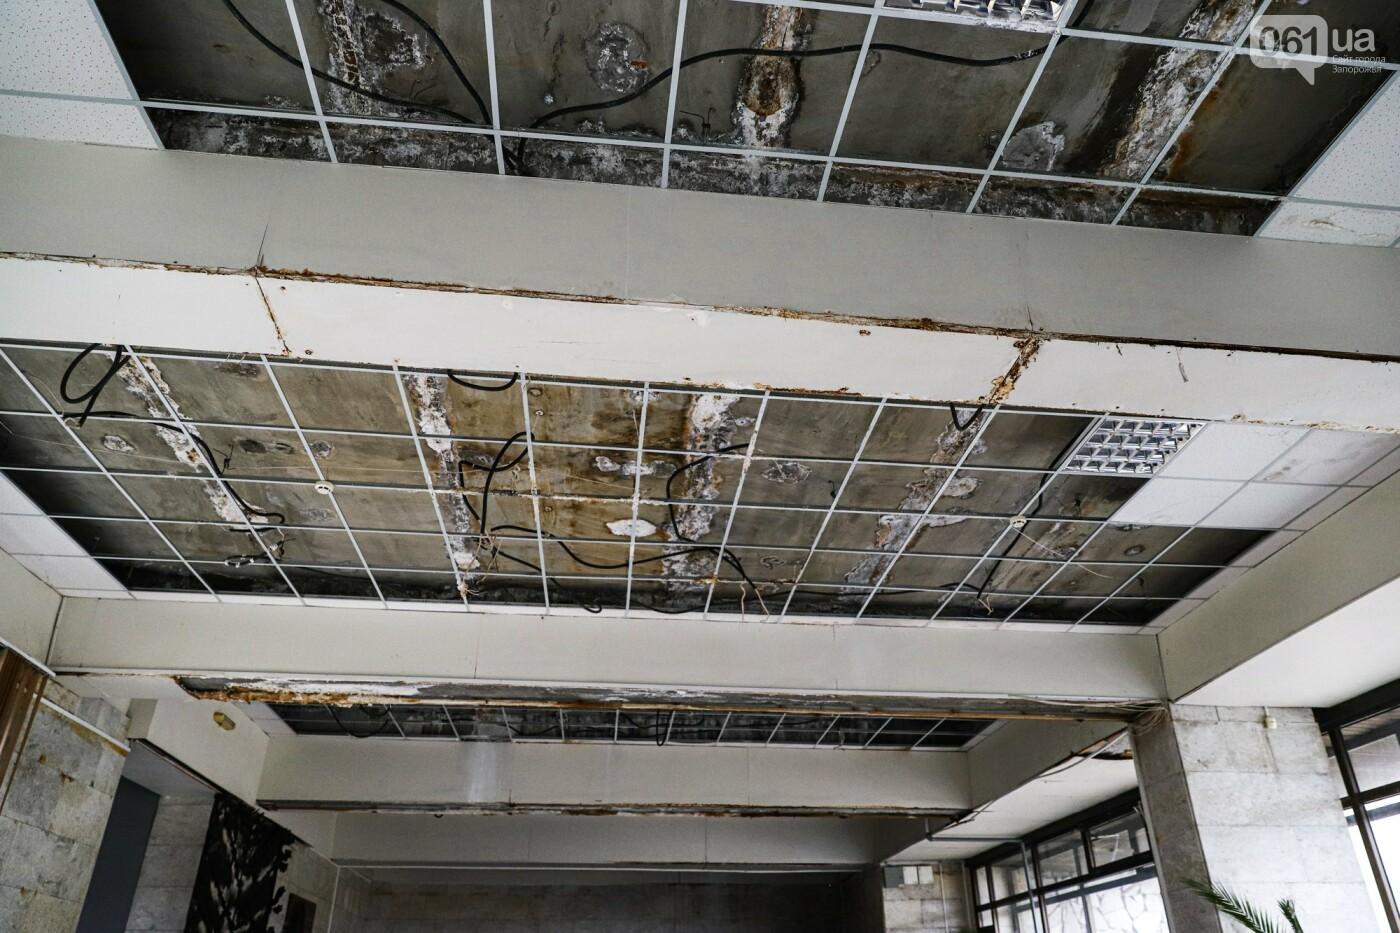 Монтаж первого пролета вантового моста, транспортный локдаун и репортаж из заброшенной шахты: апрель в фотографиях, фото-62